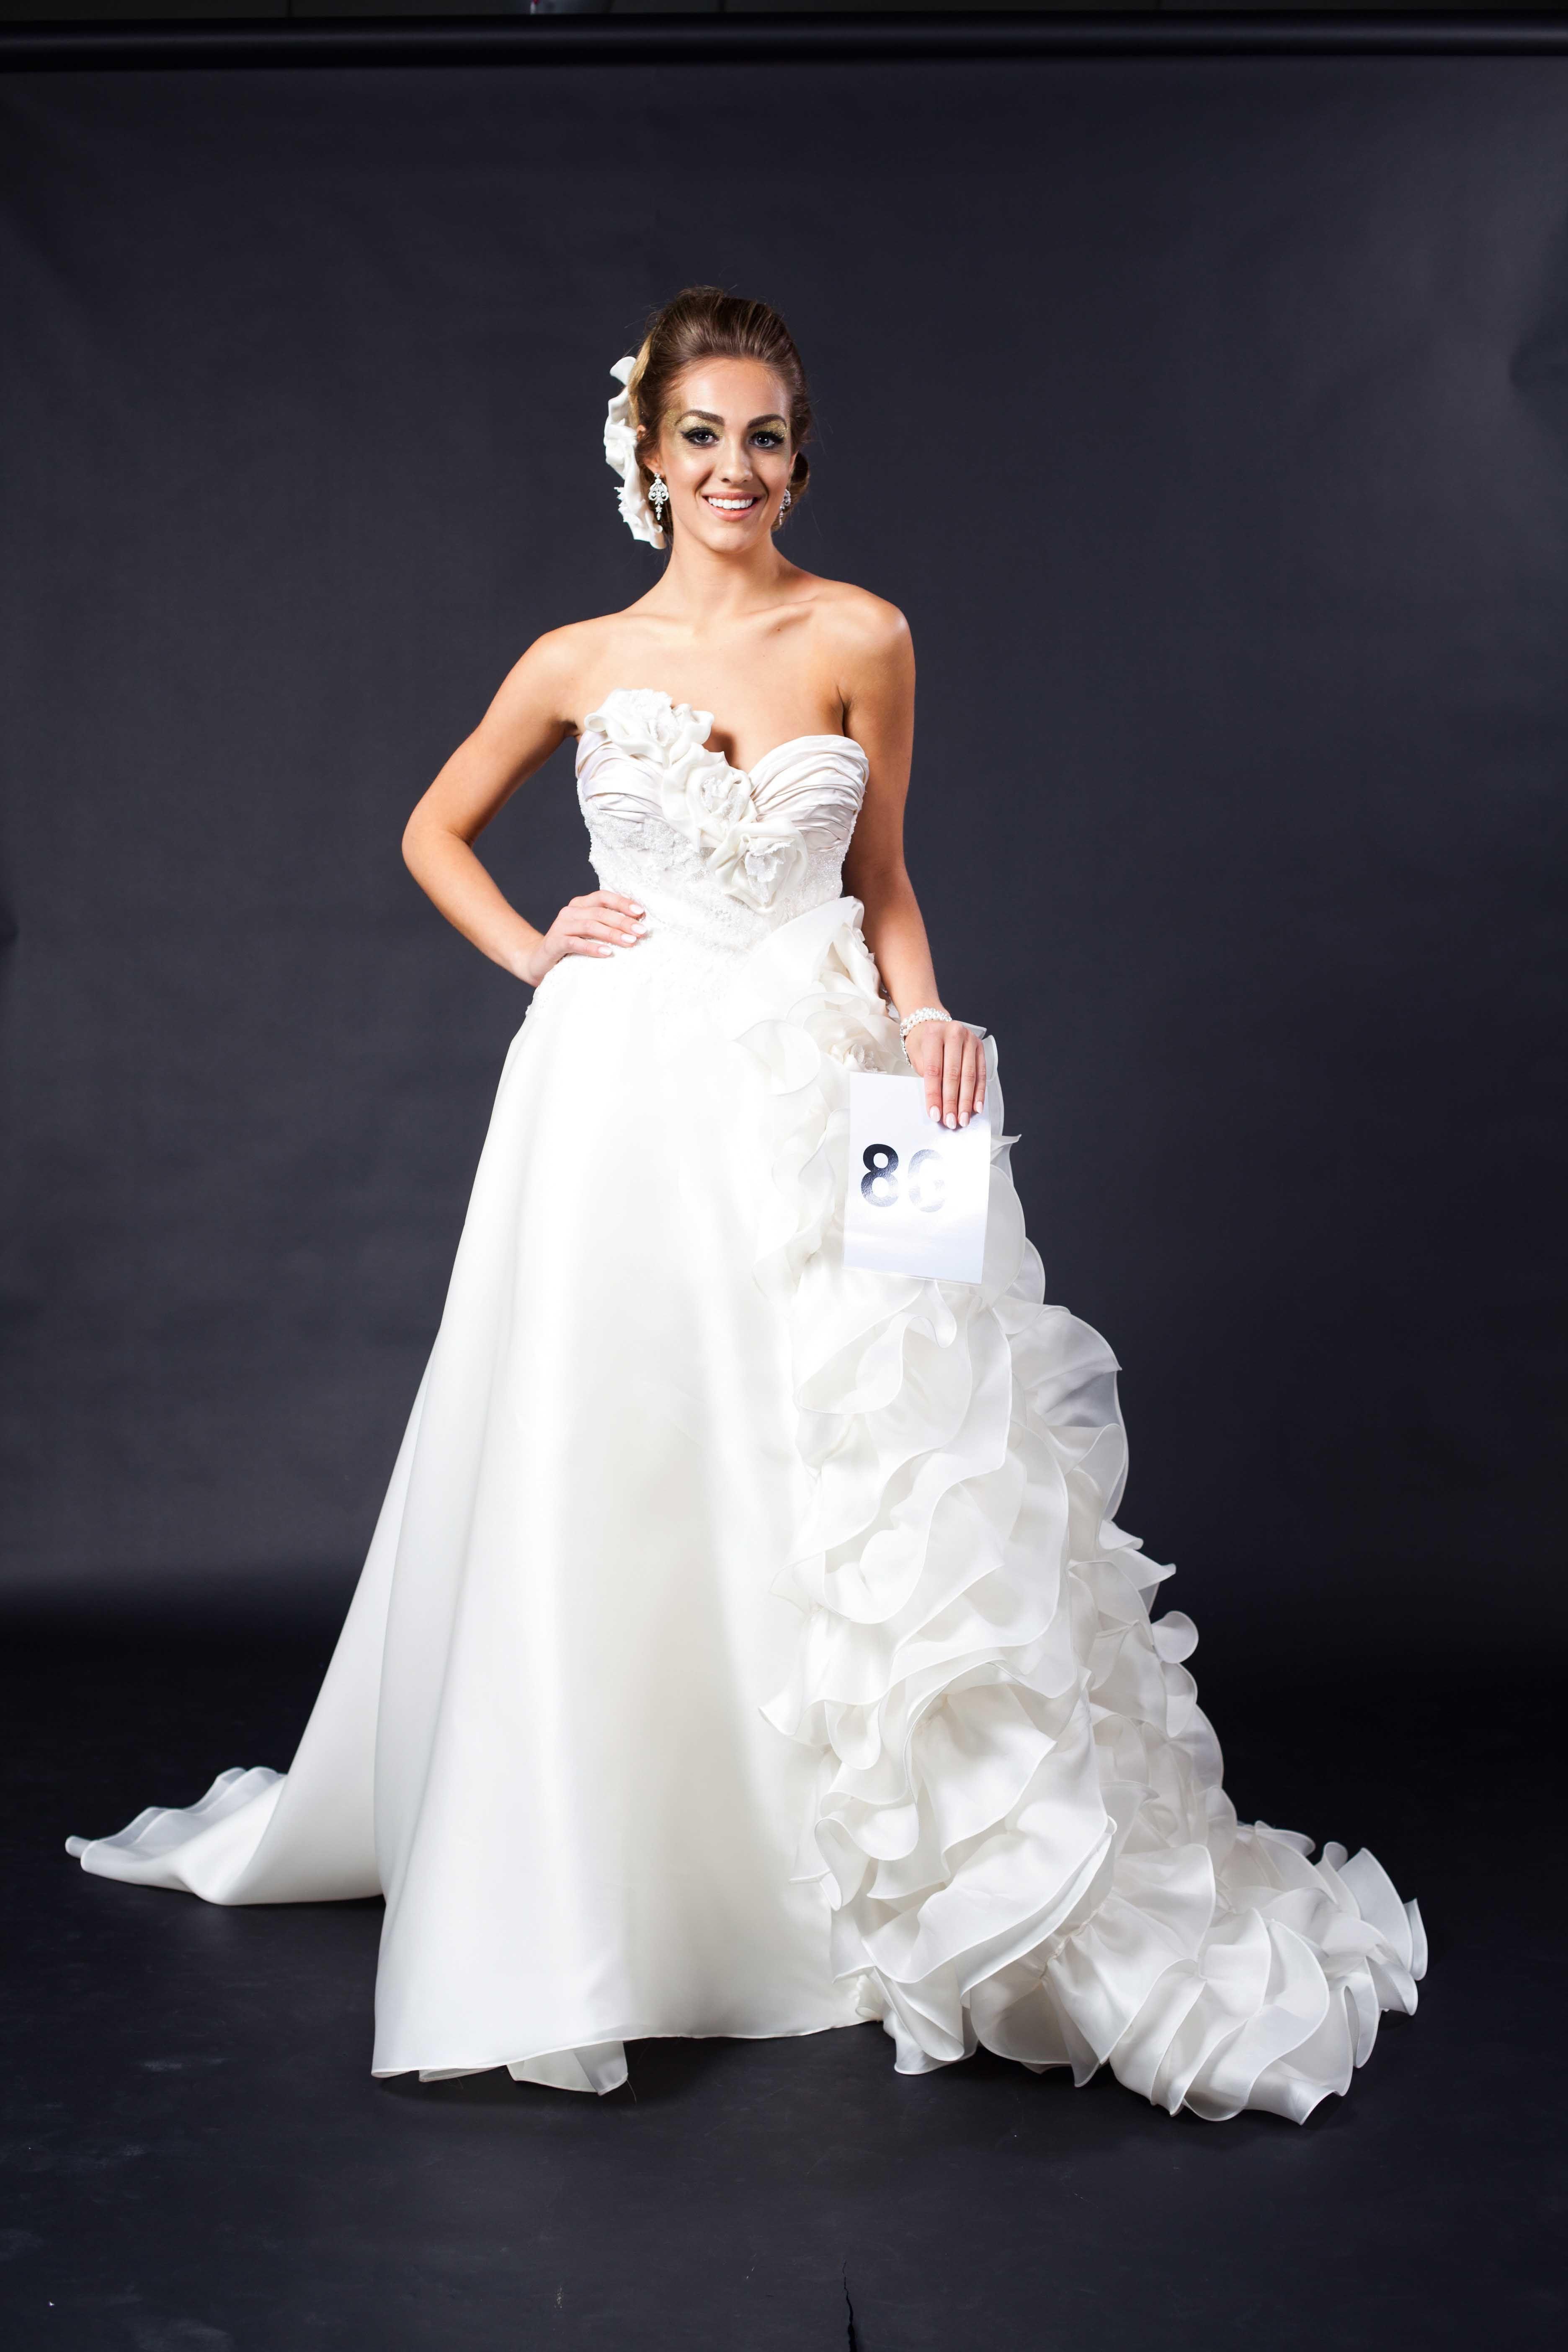 Leonard Derecourt Designer Queensland Brides Design Awards Designer Wedding Gown Bridal Inspiration Bride Wedding